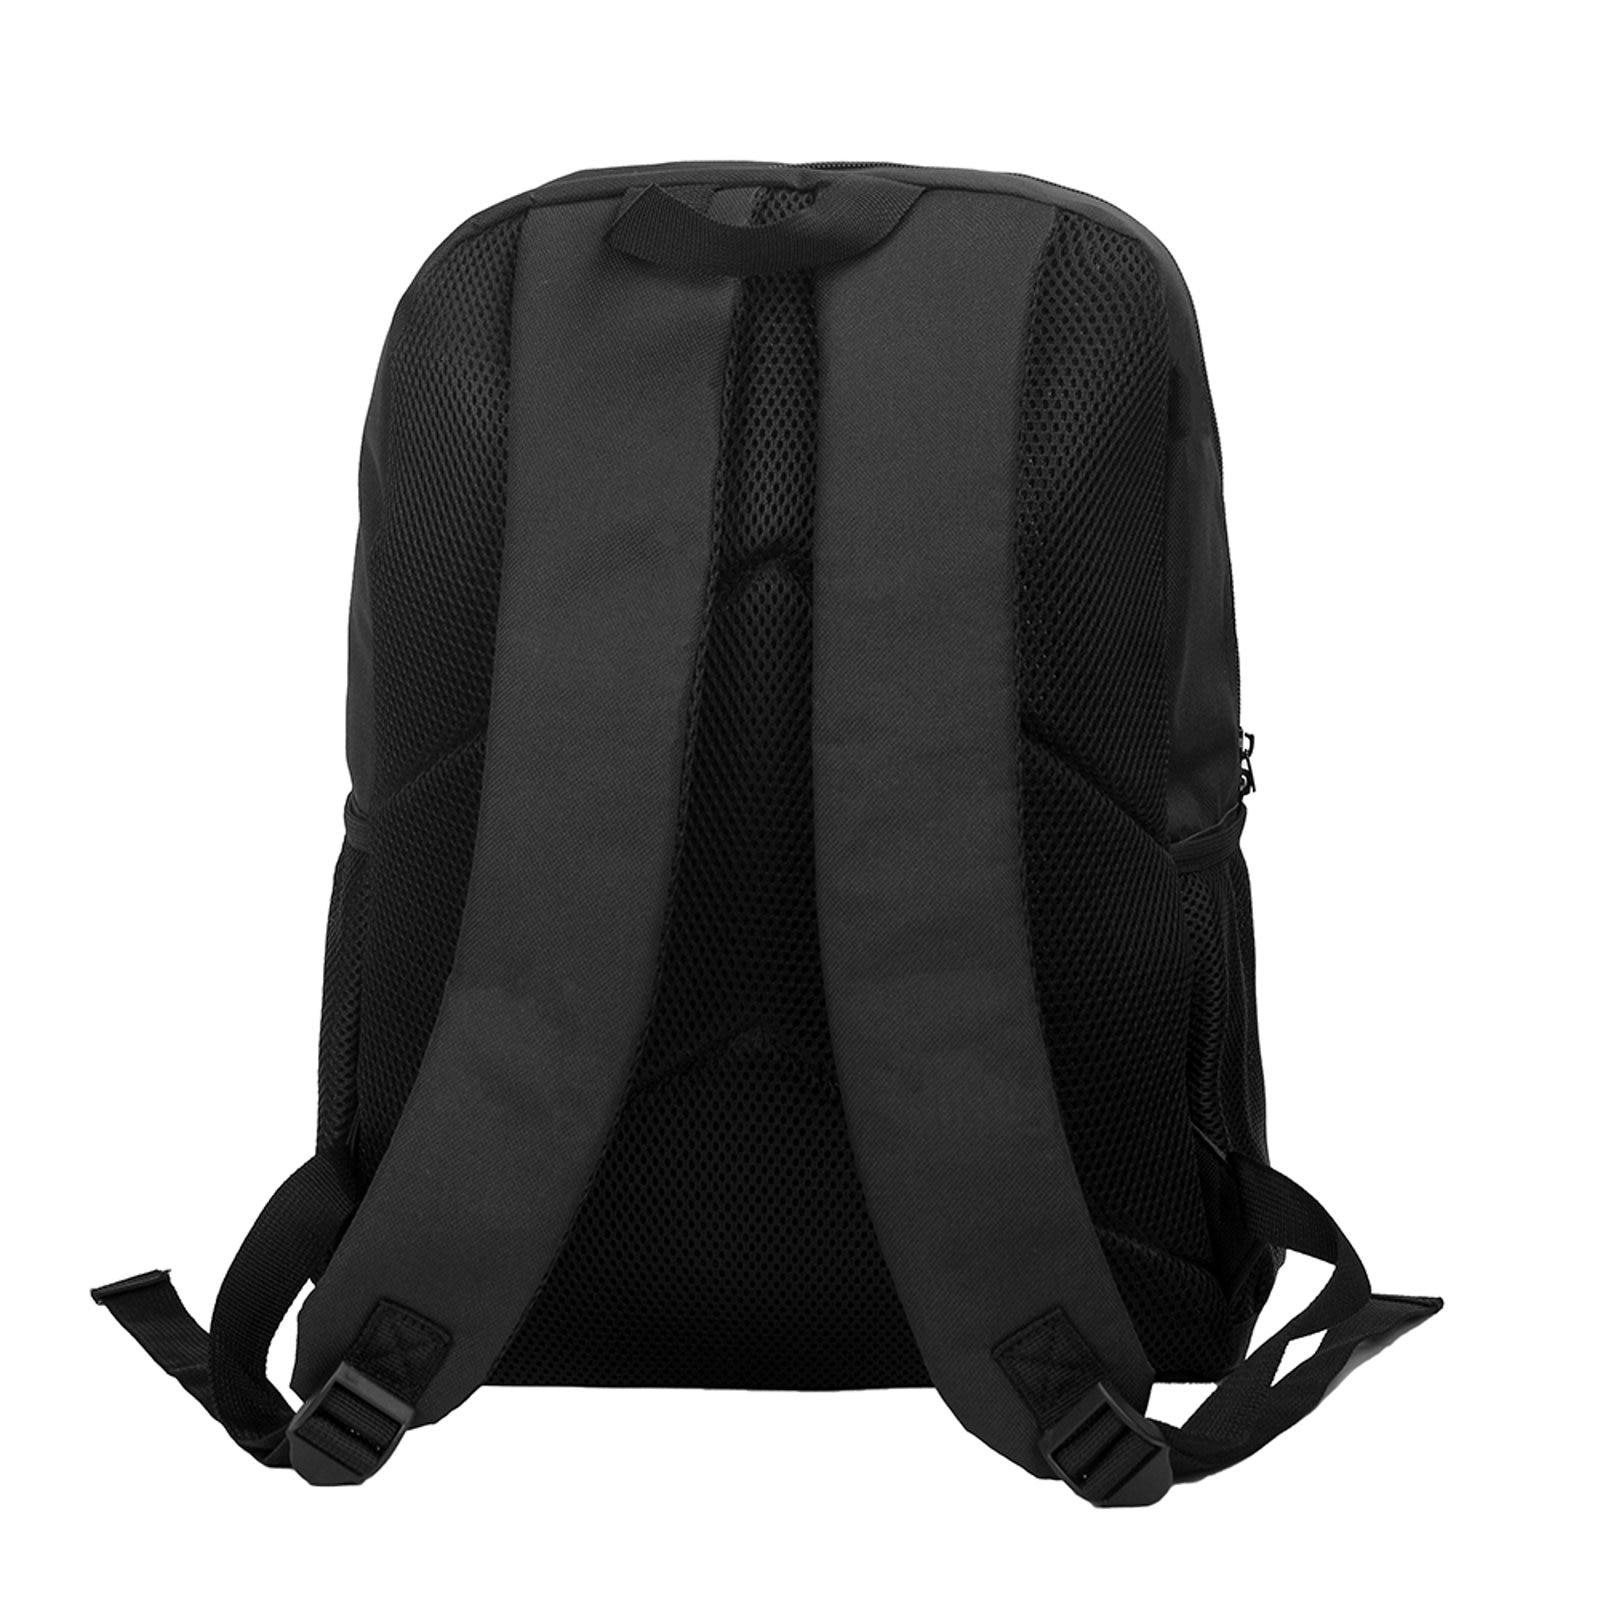 H6afb07d879df46849eae7b200c431725m - Anime Backpacks